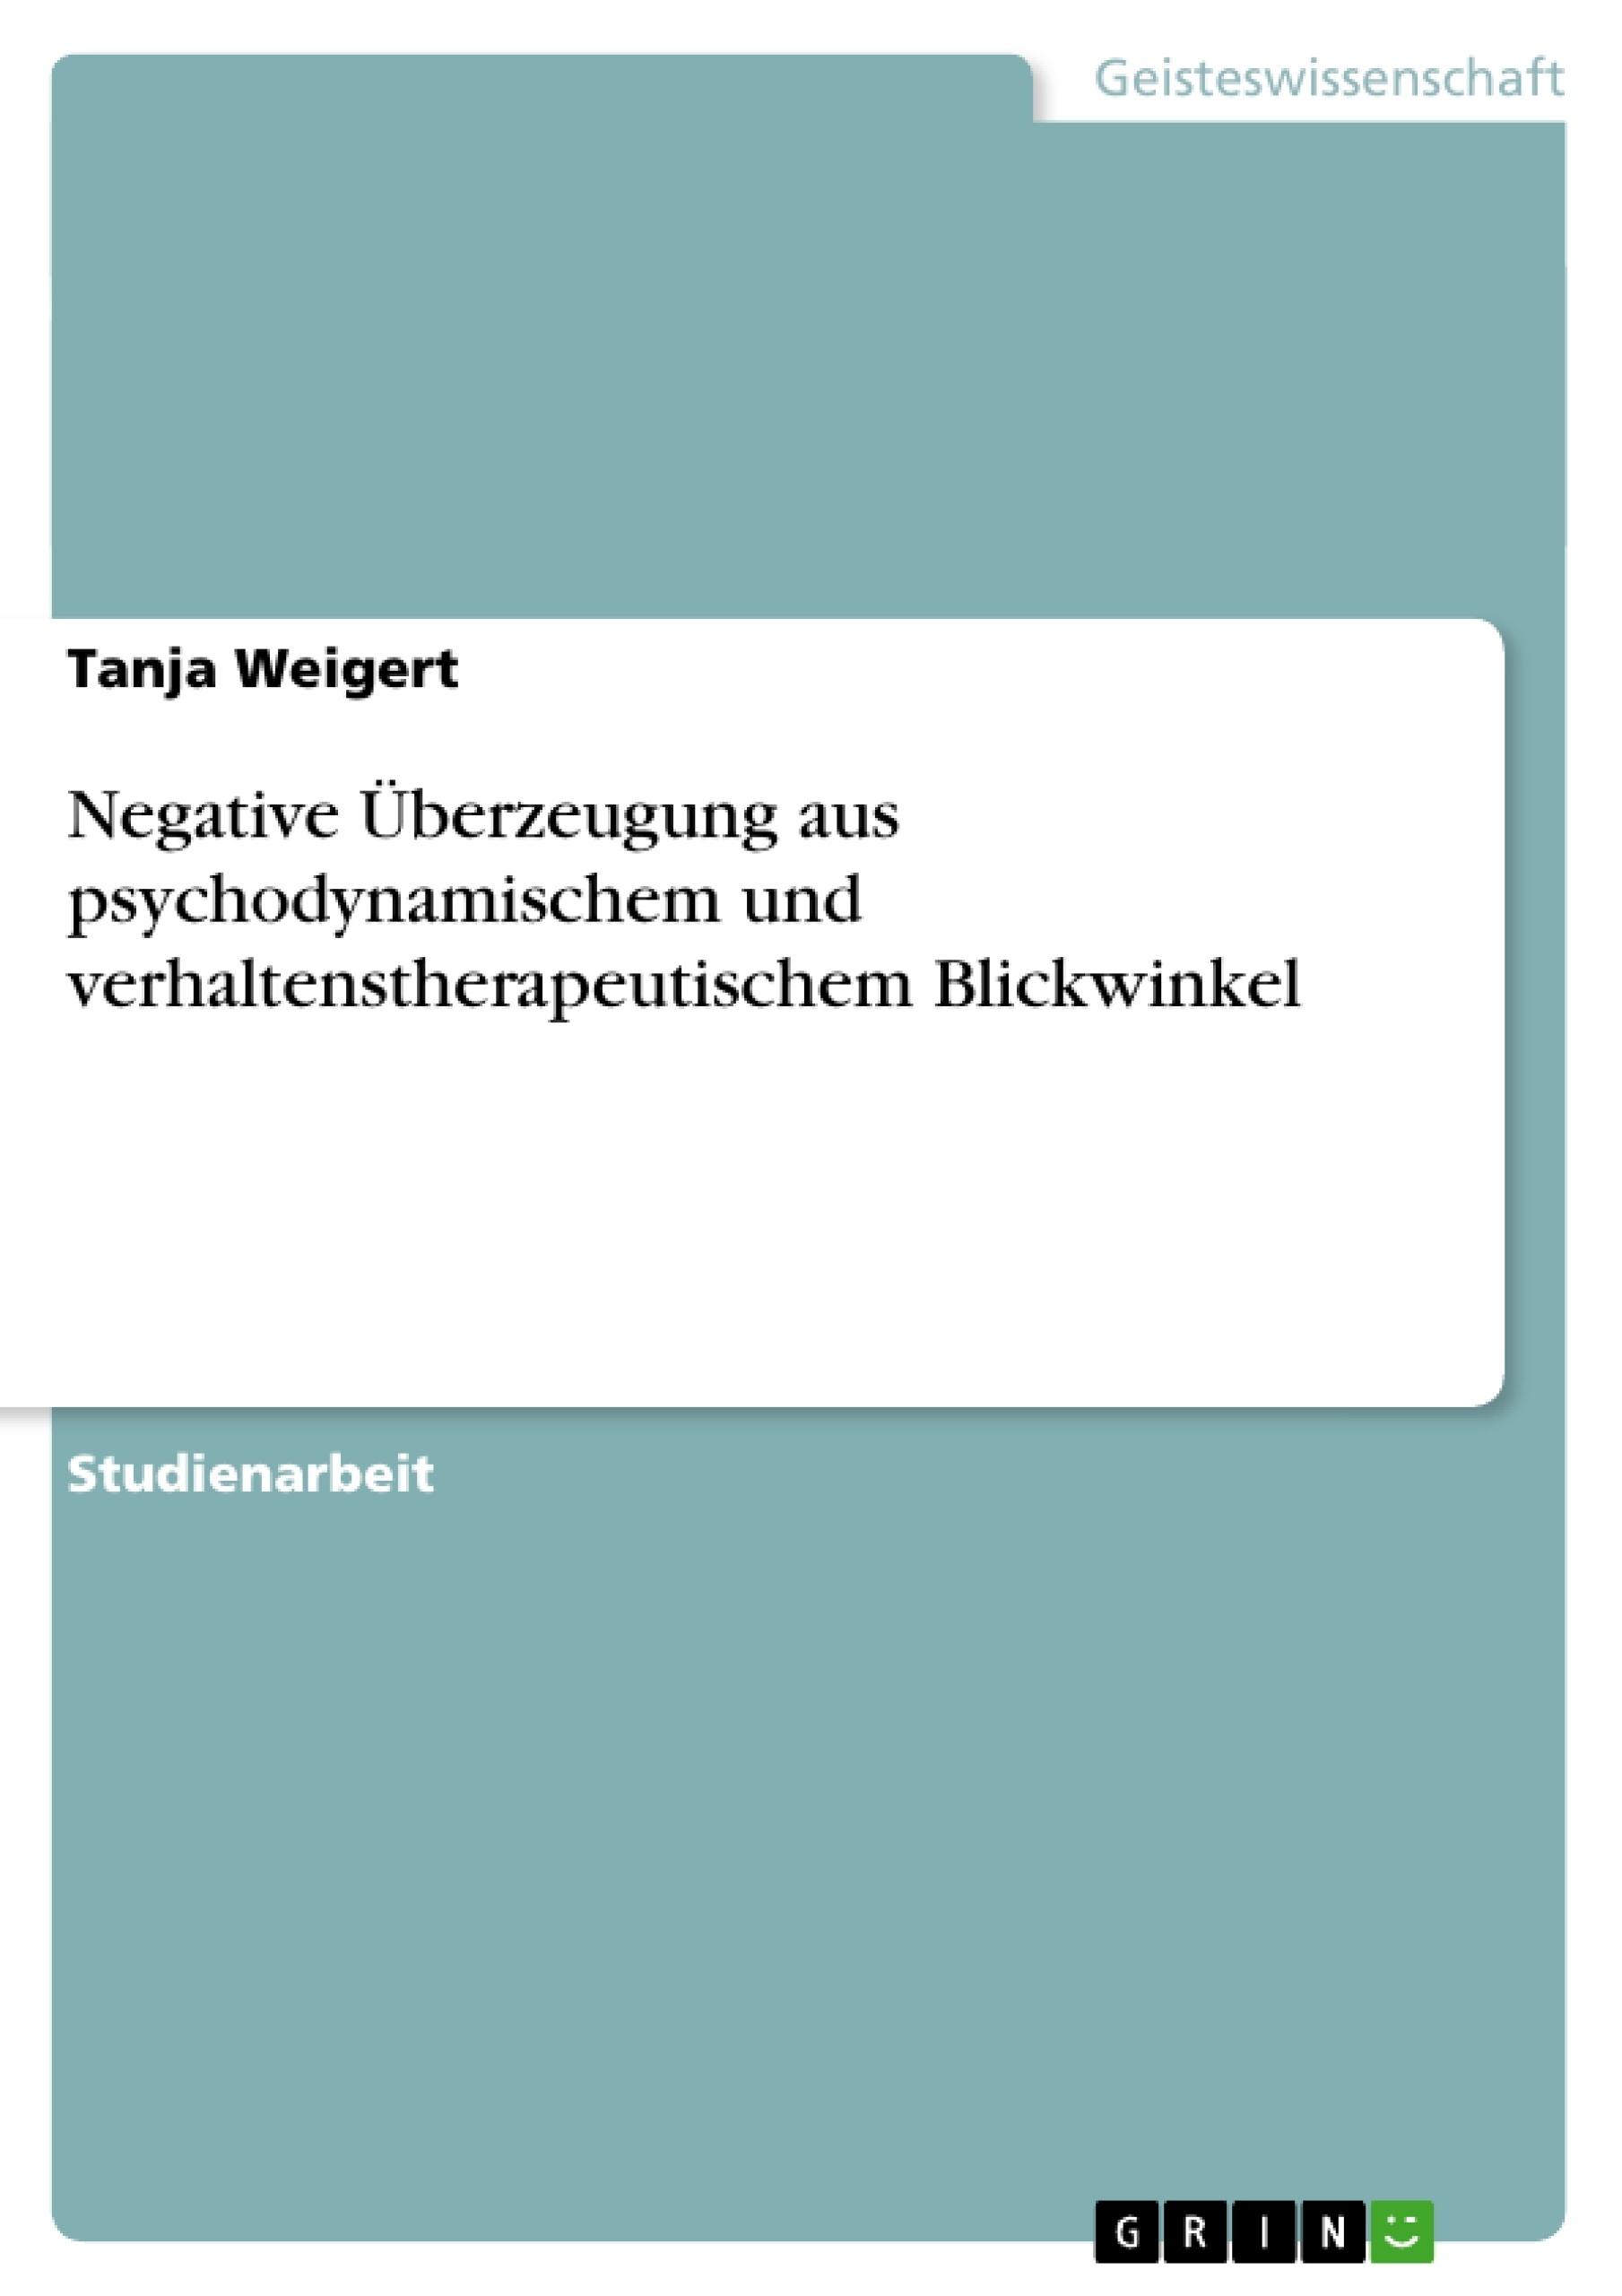 Titel: Negative Überzeugung aus psychodynamischem und verhaltenstherapeutischem Blickwinkel